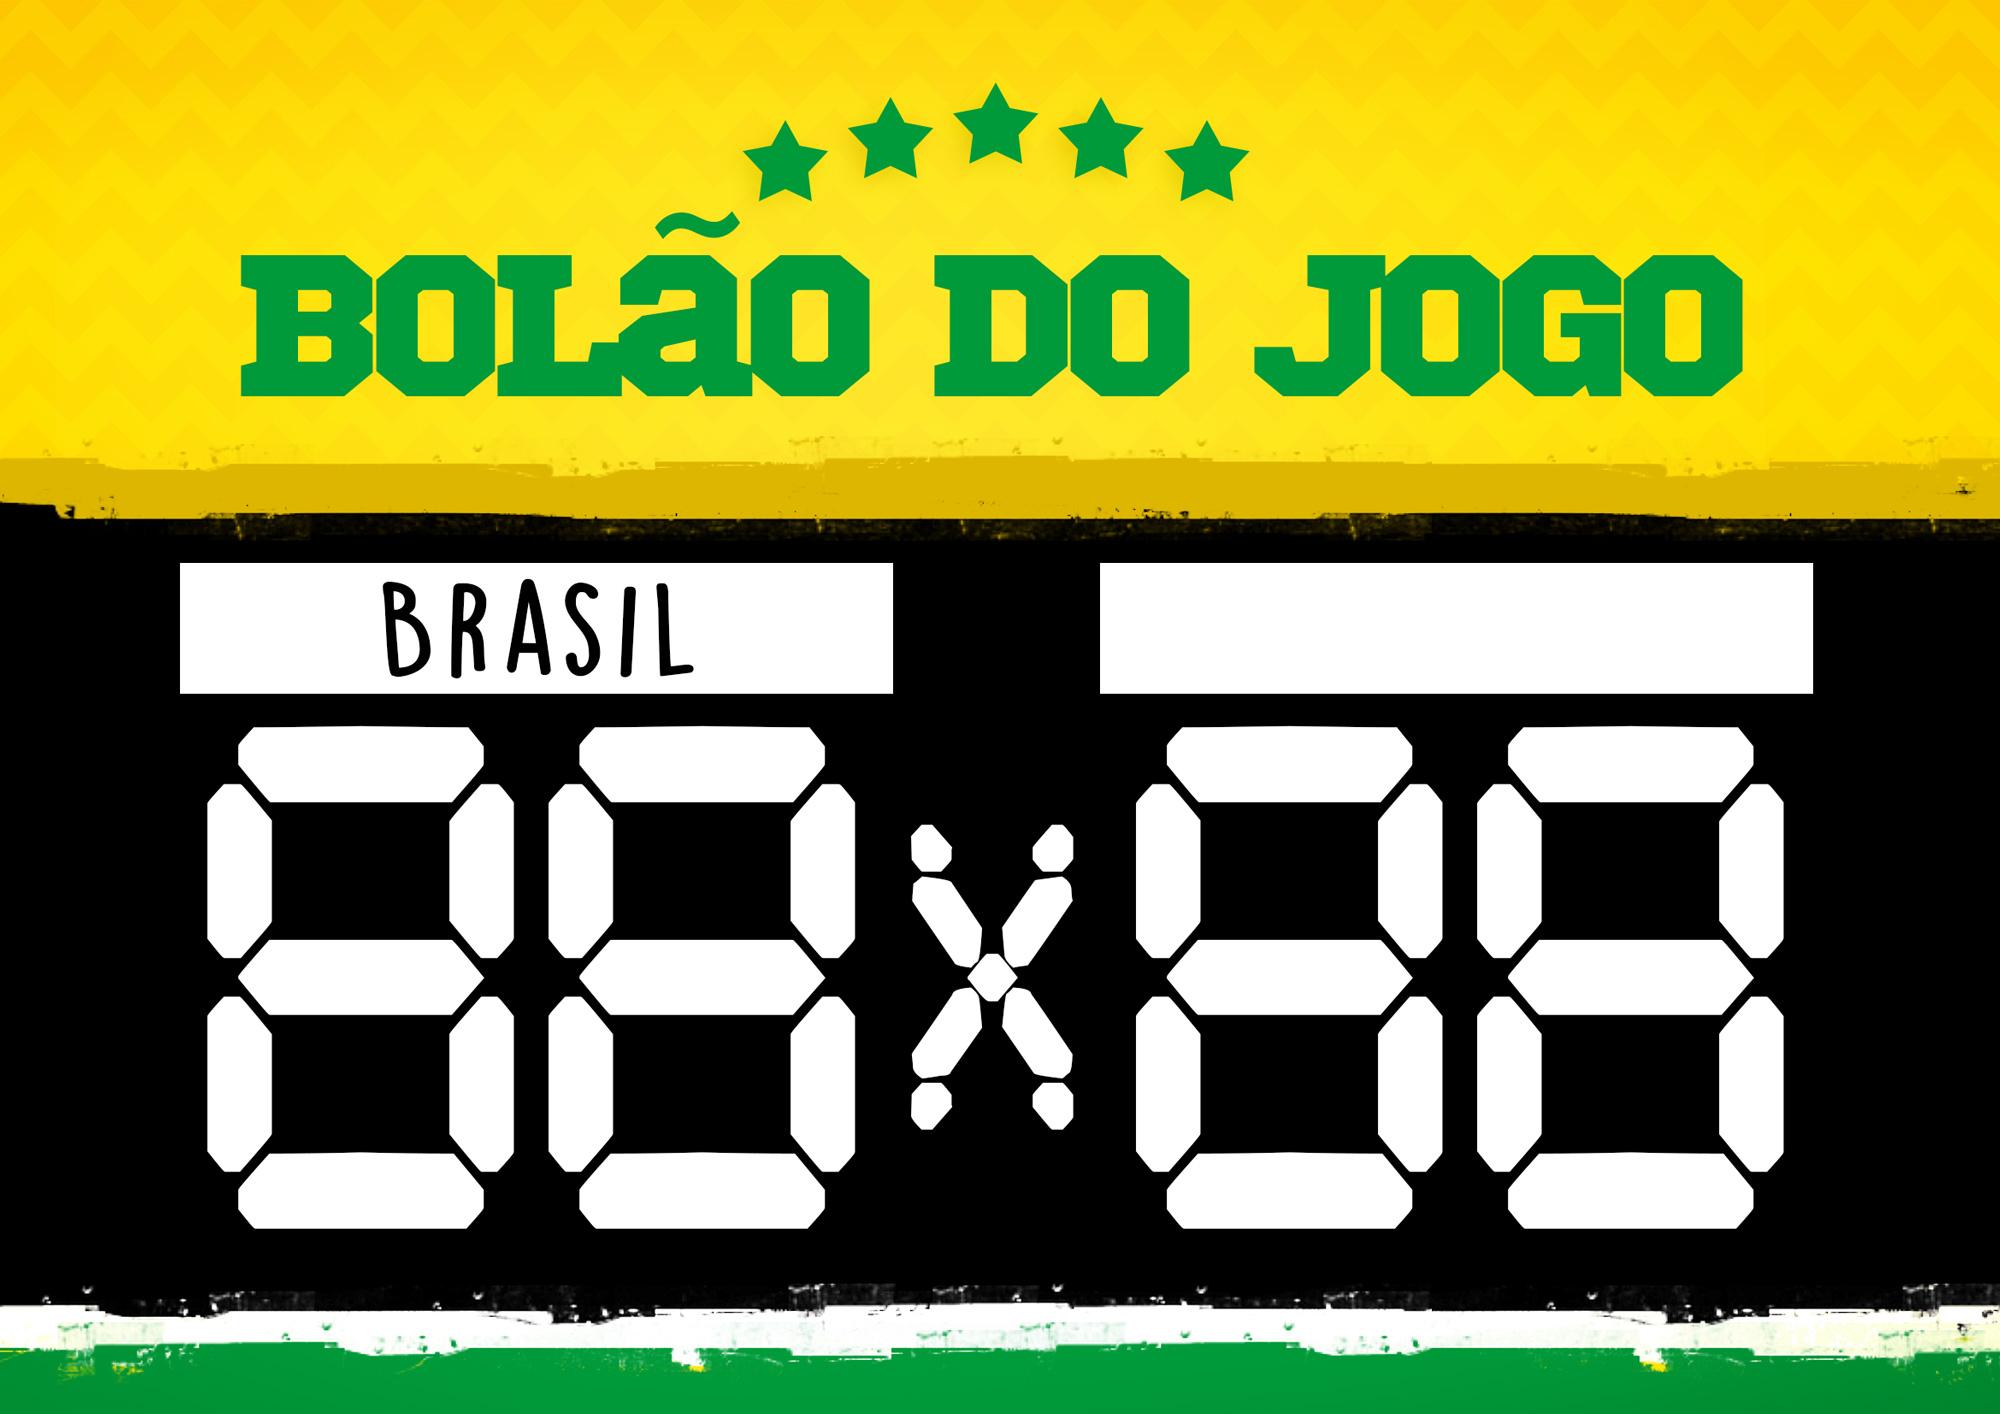 Placa Bolao Copa do Mundo 2